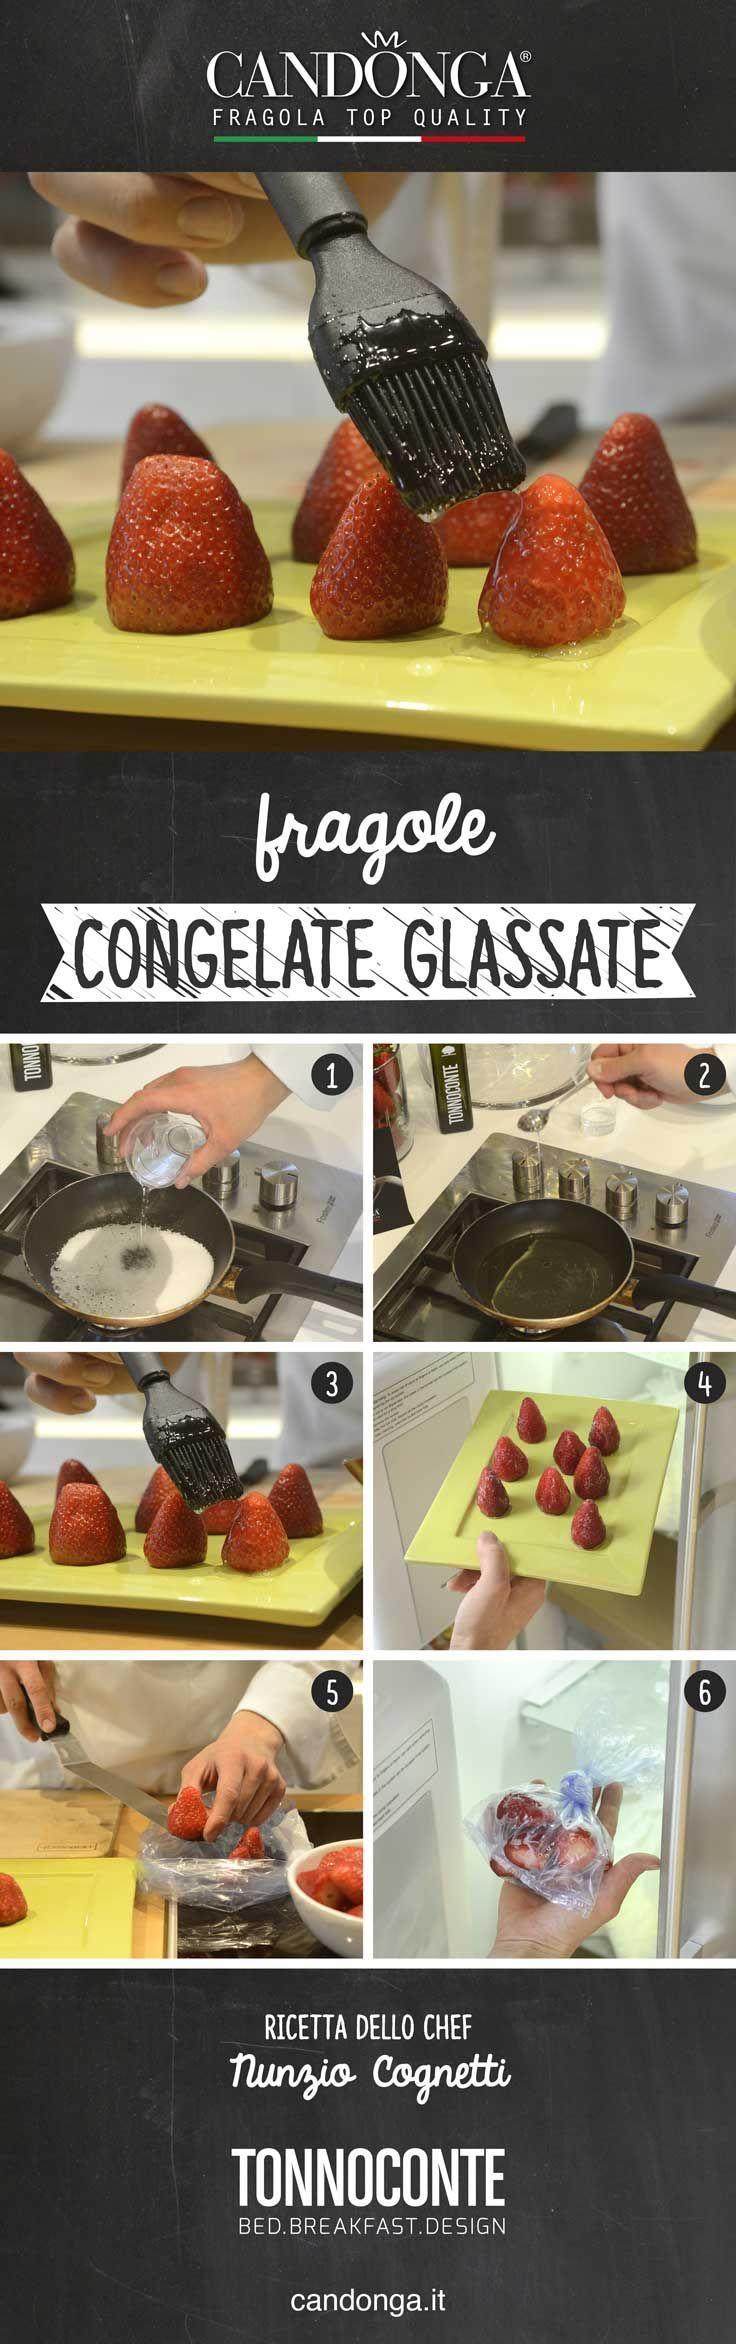 Fragole glassate e congelate. Ricetta dello chef Nunzio Cognetti (Tonnoconte).  #candongatop #fragole #ricette